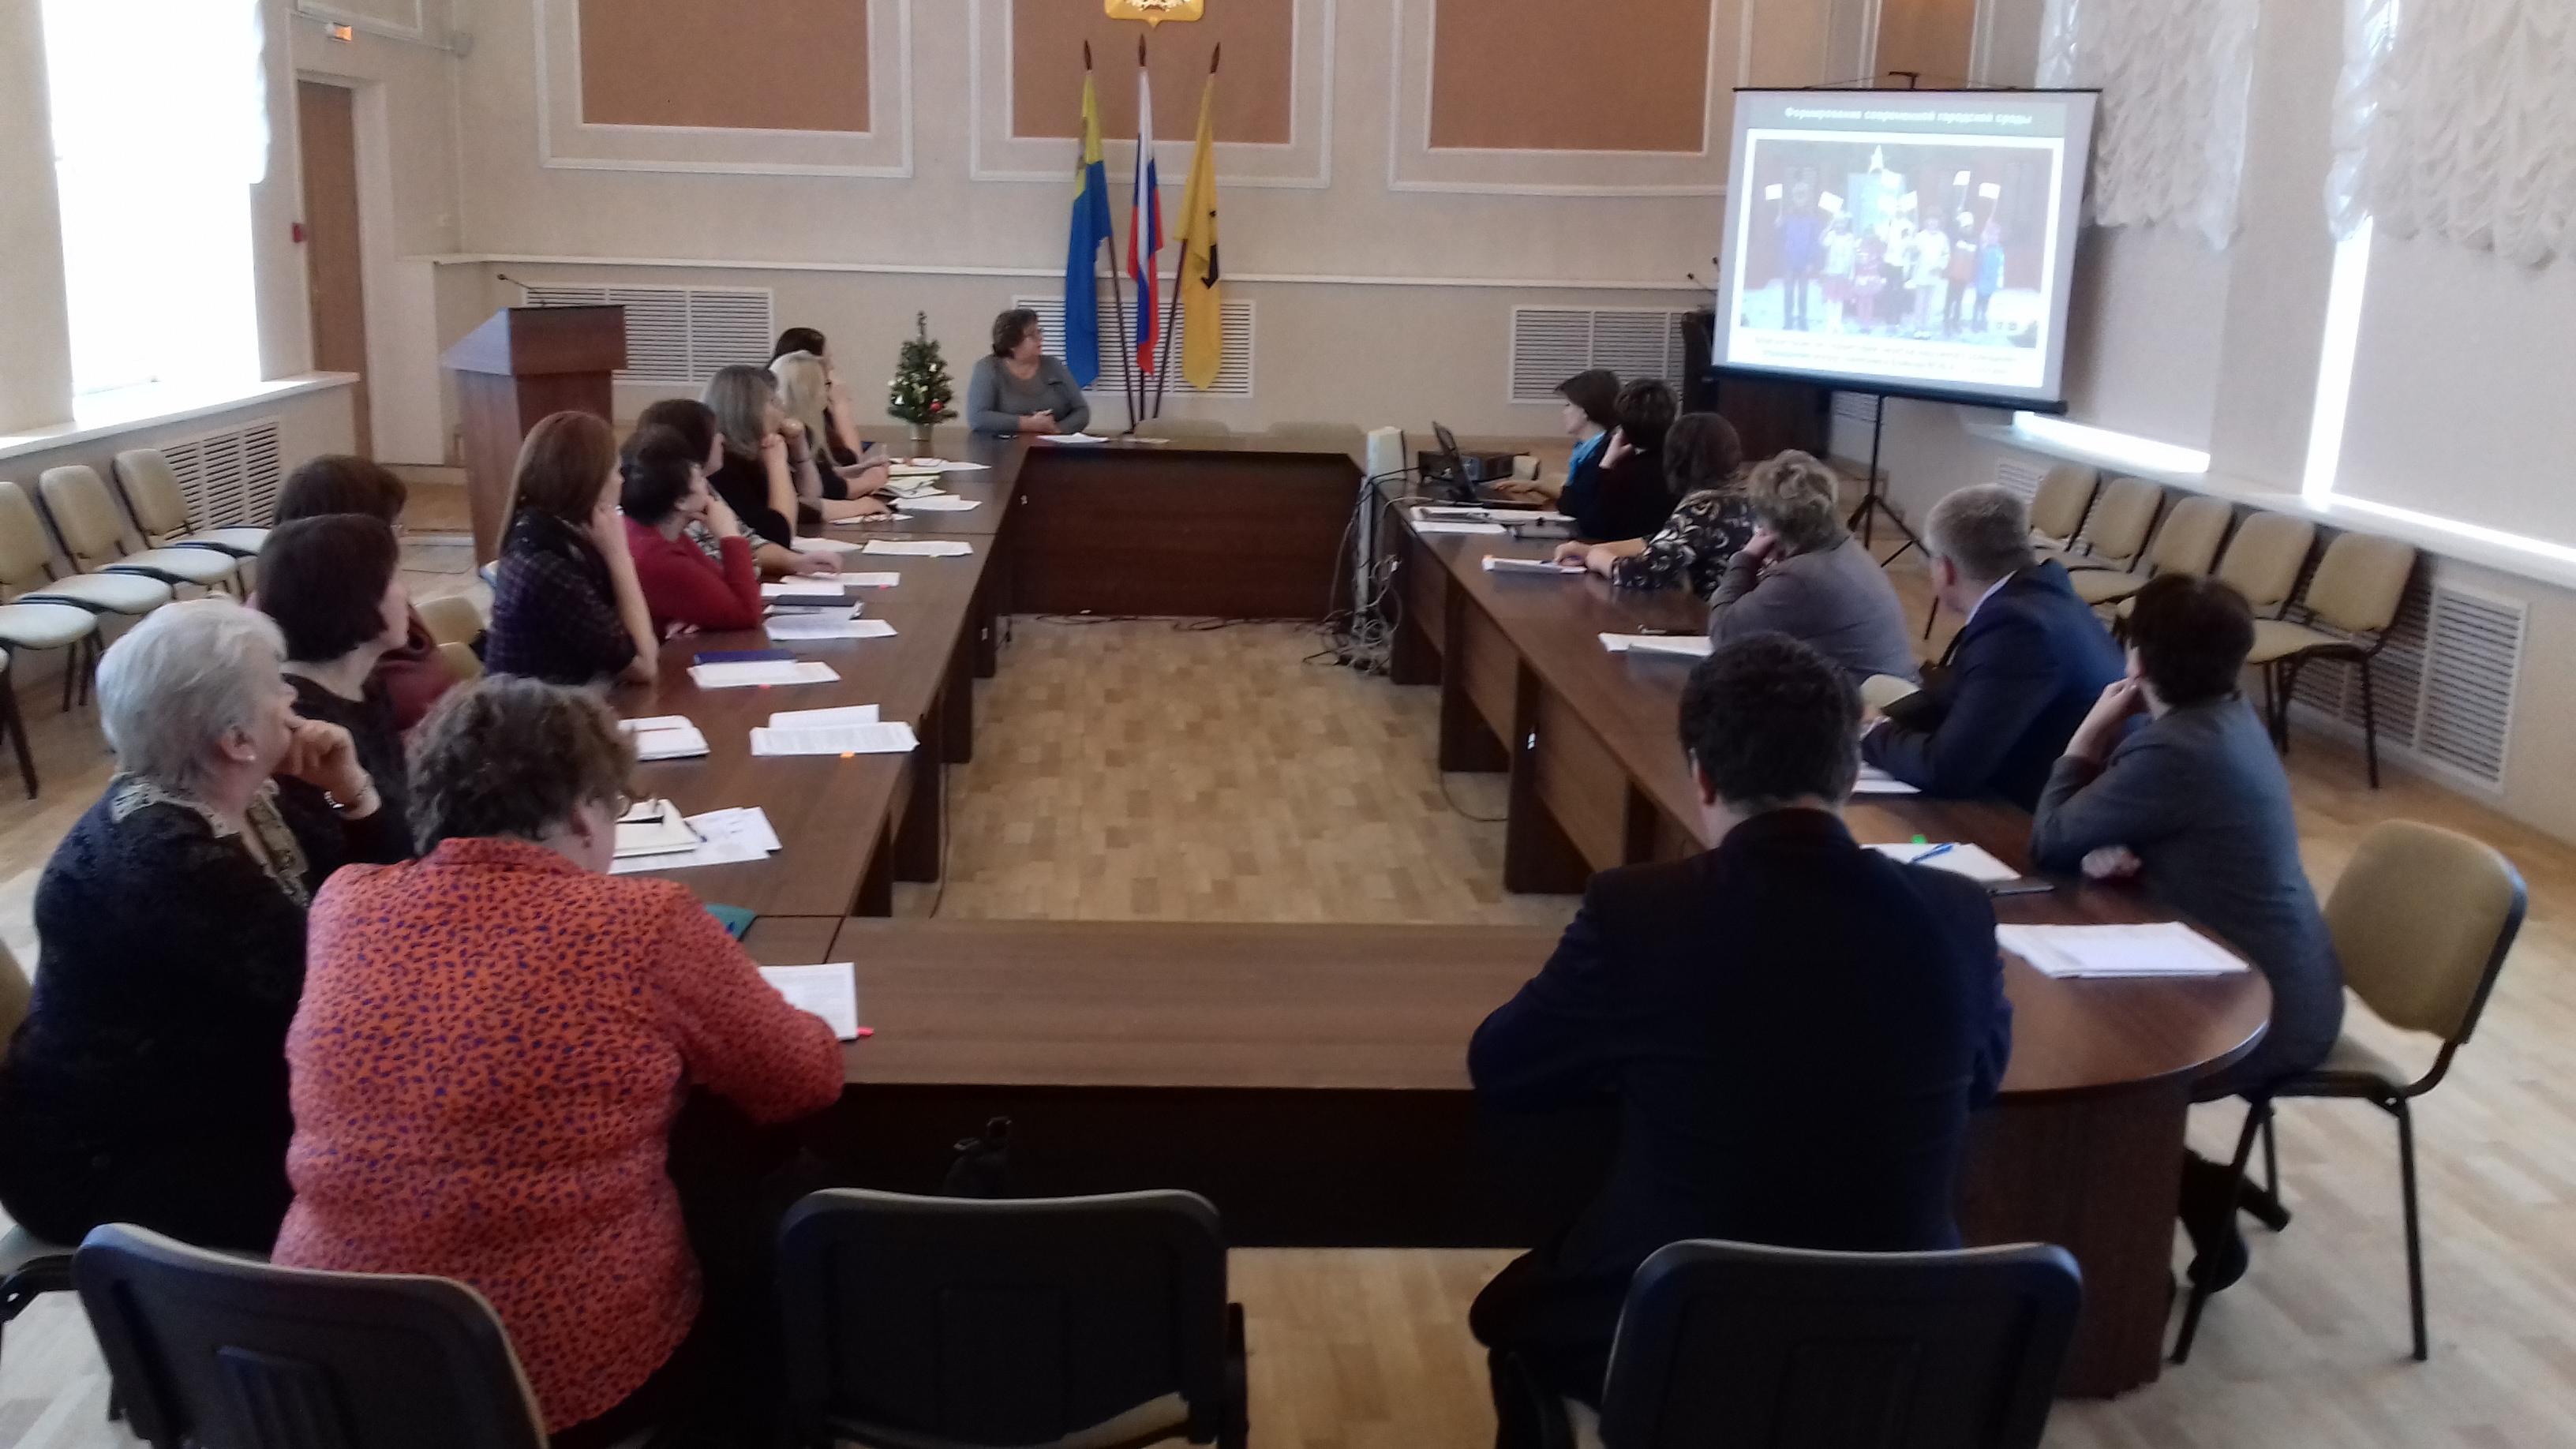 Проведена встреча с руководителями предприятий и учреждений по проекту создания комфортной городской среды «Решаем вместе!»